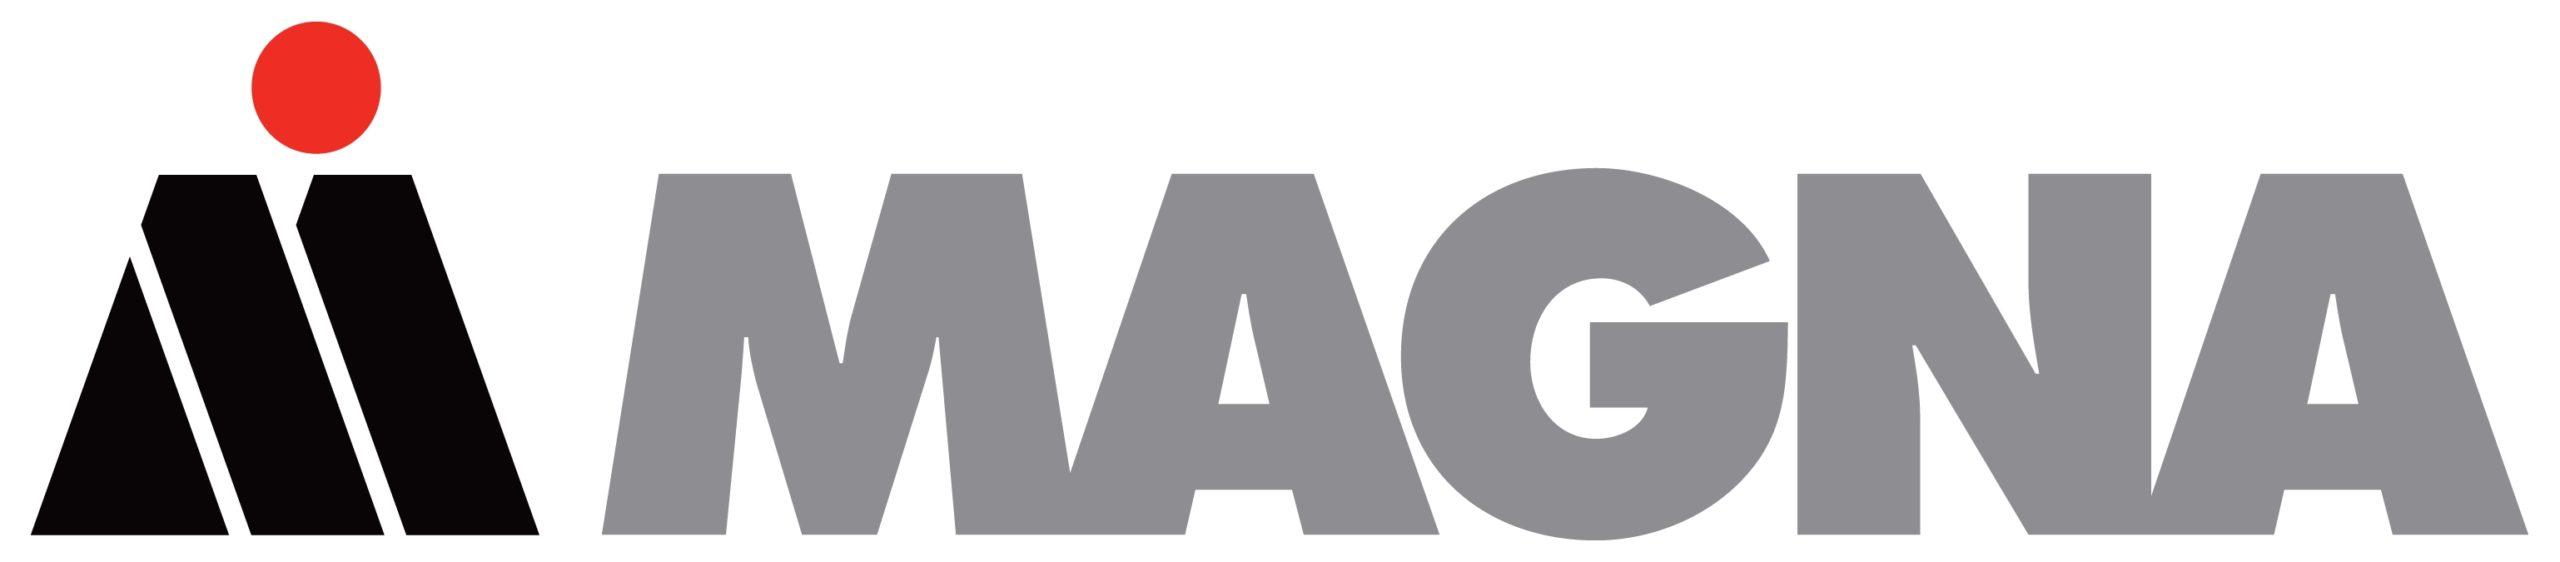 Magna Seating Vigo, S.A.U.